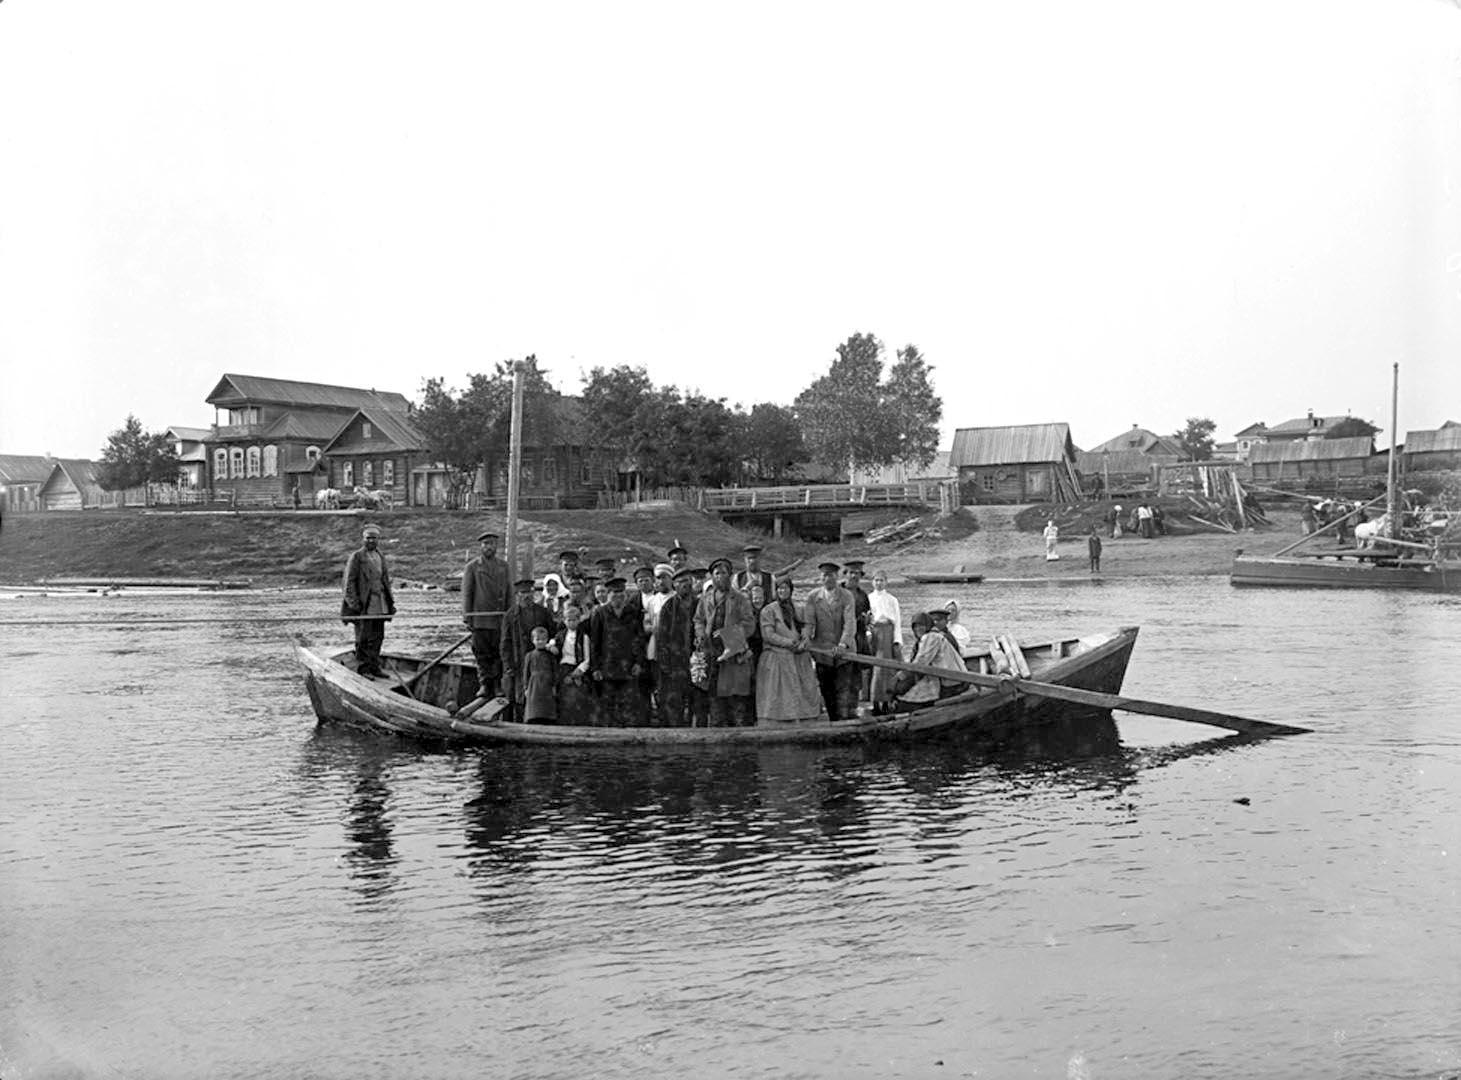 35Паром на реке Волге у села Селижарова. 1903 г. Тверская губерния.